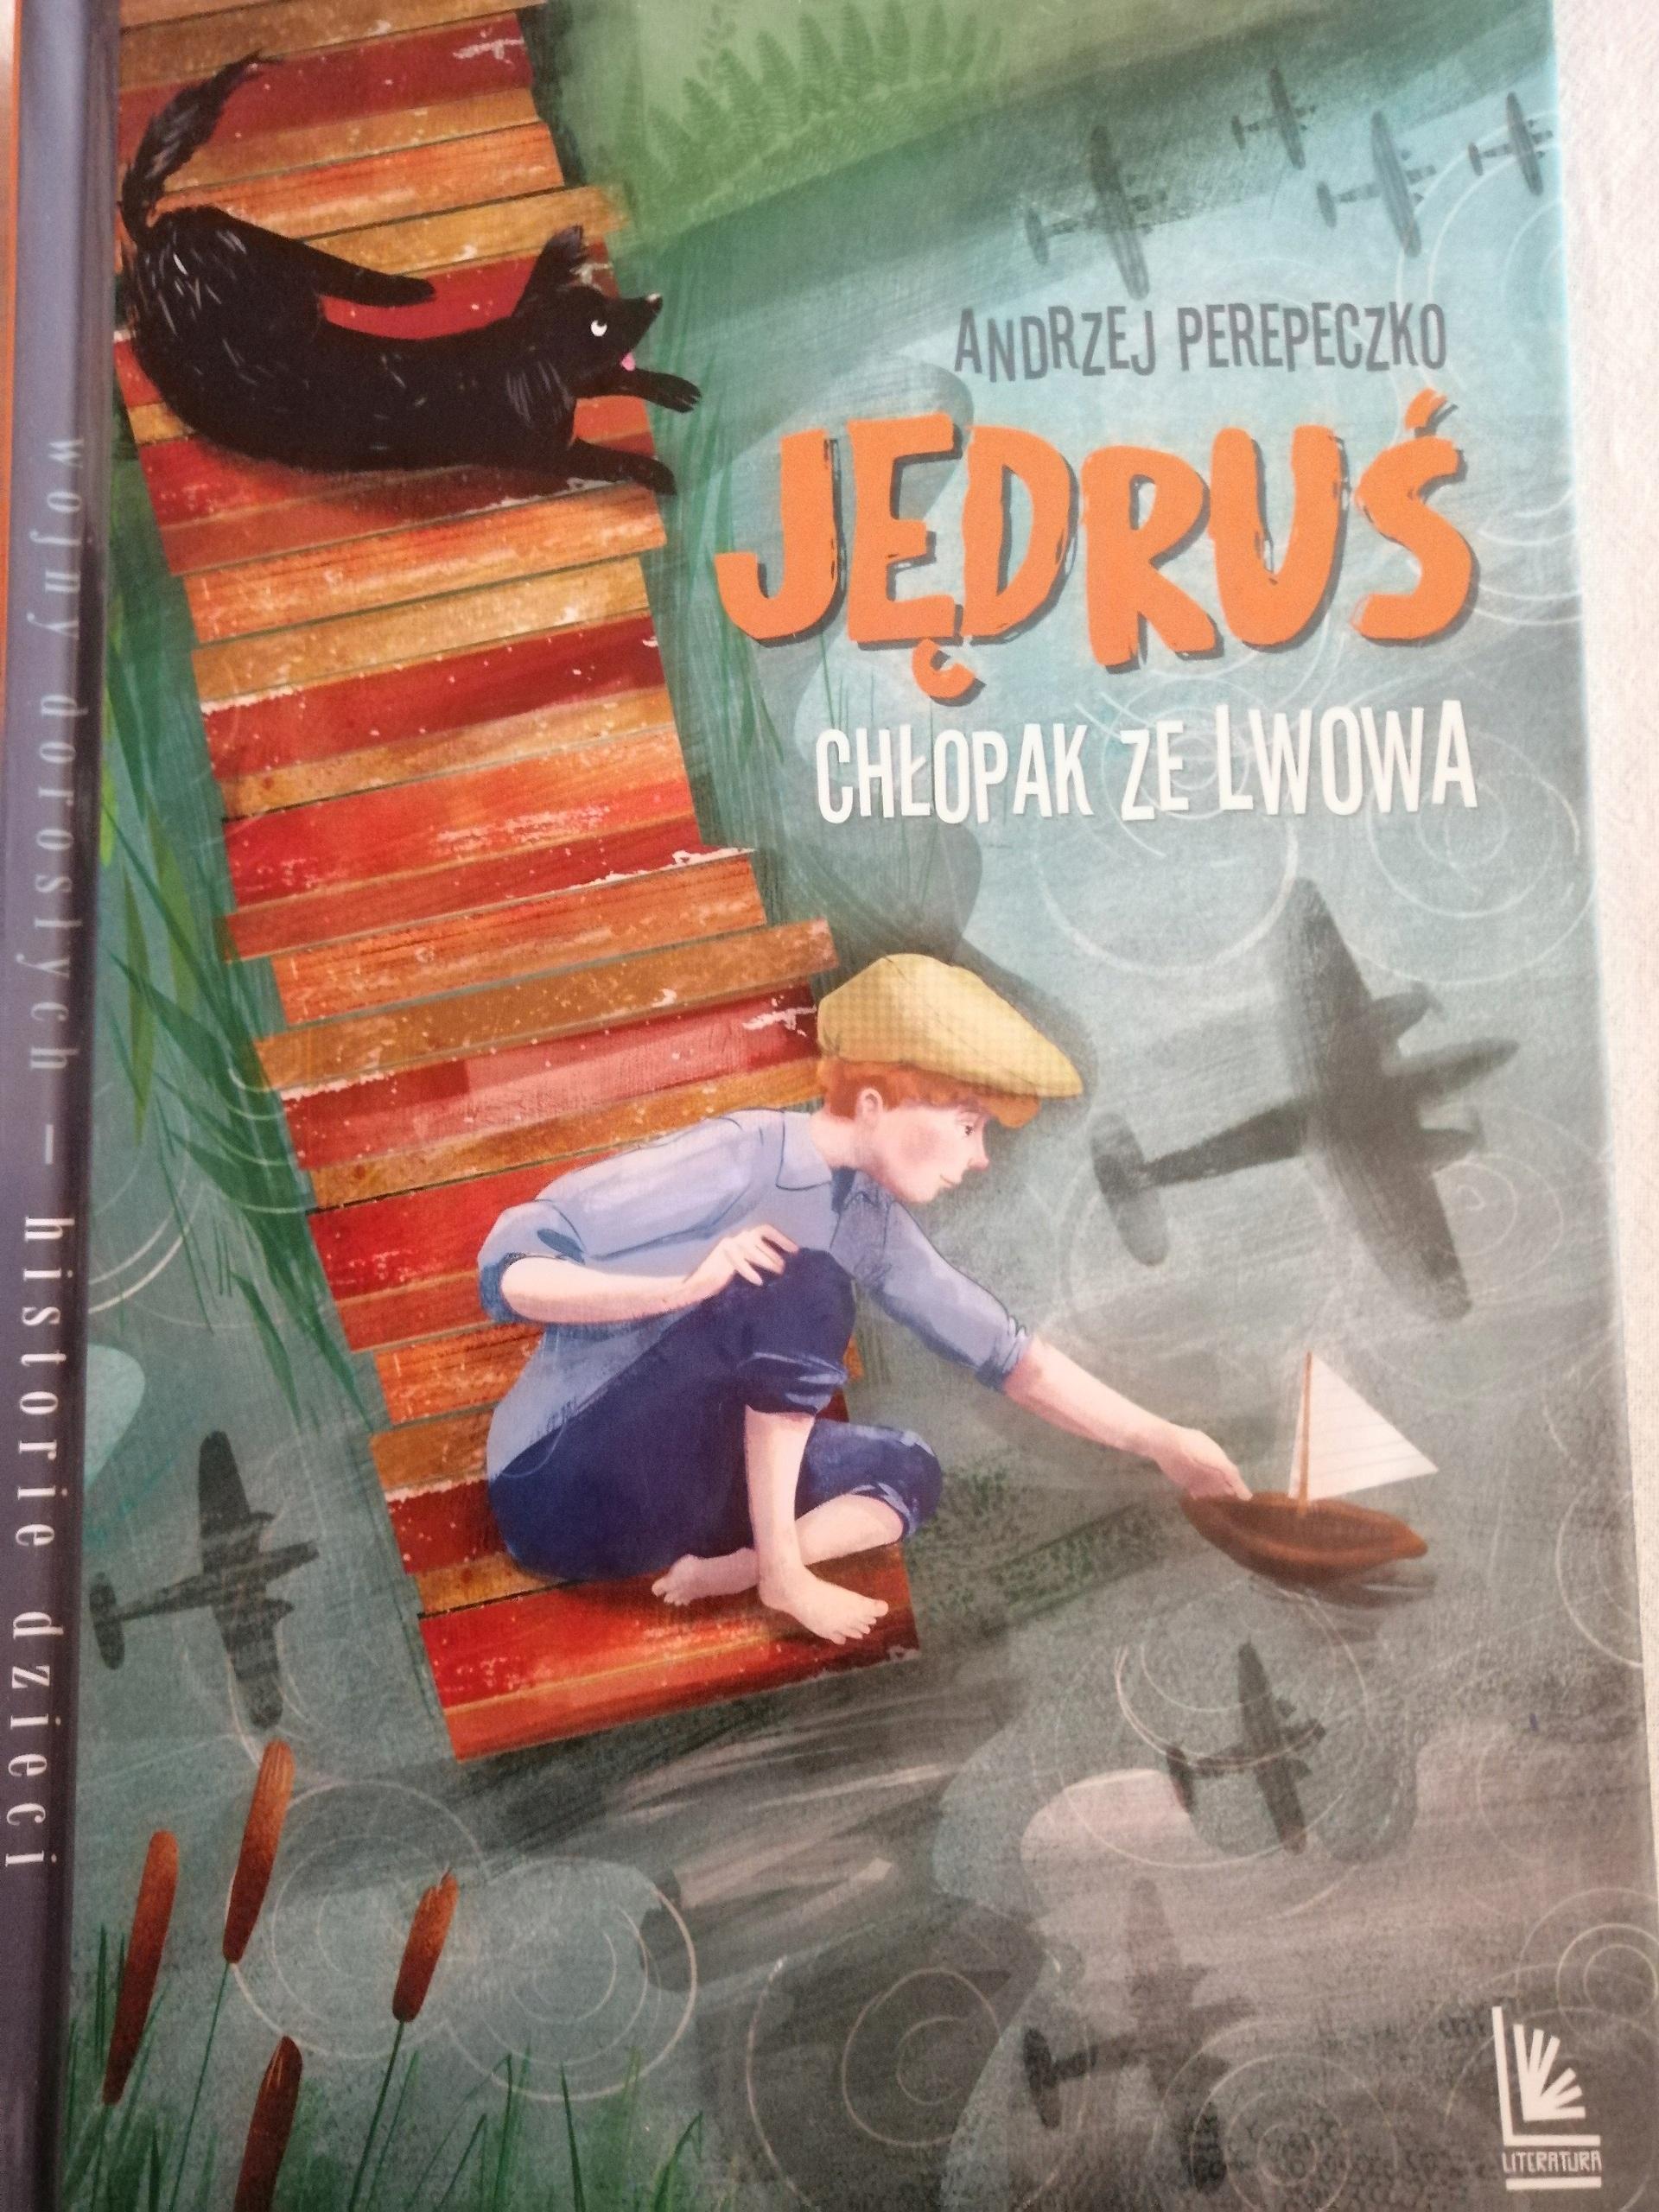 Jędruś chłopak ze Lwowa Andrzej Perepeczko